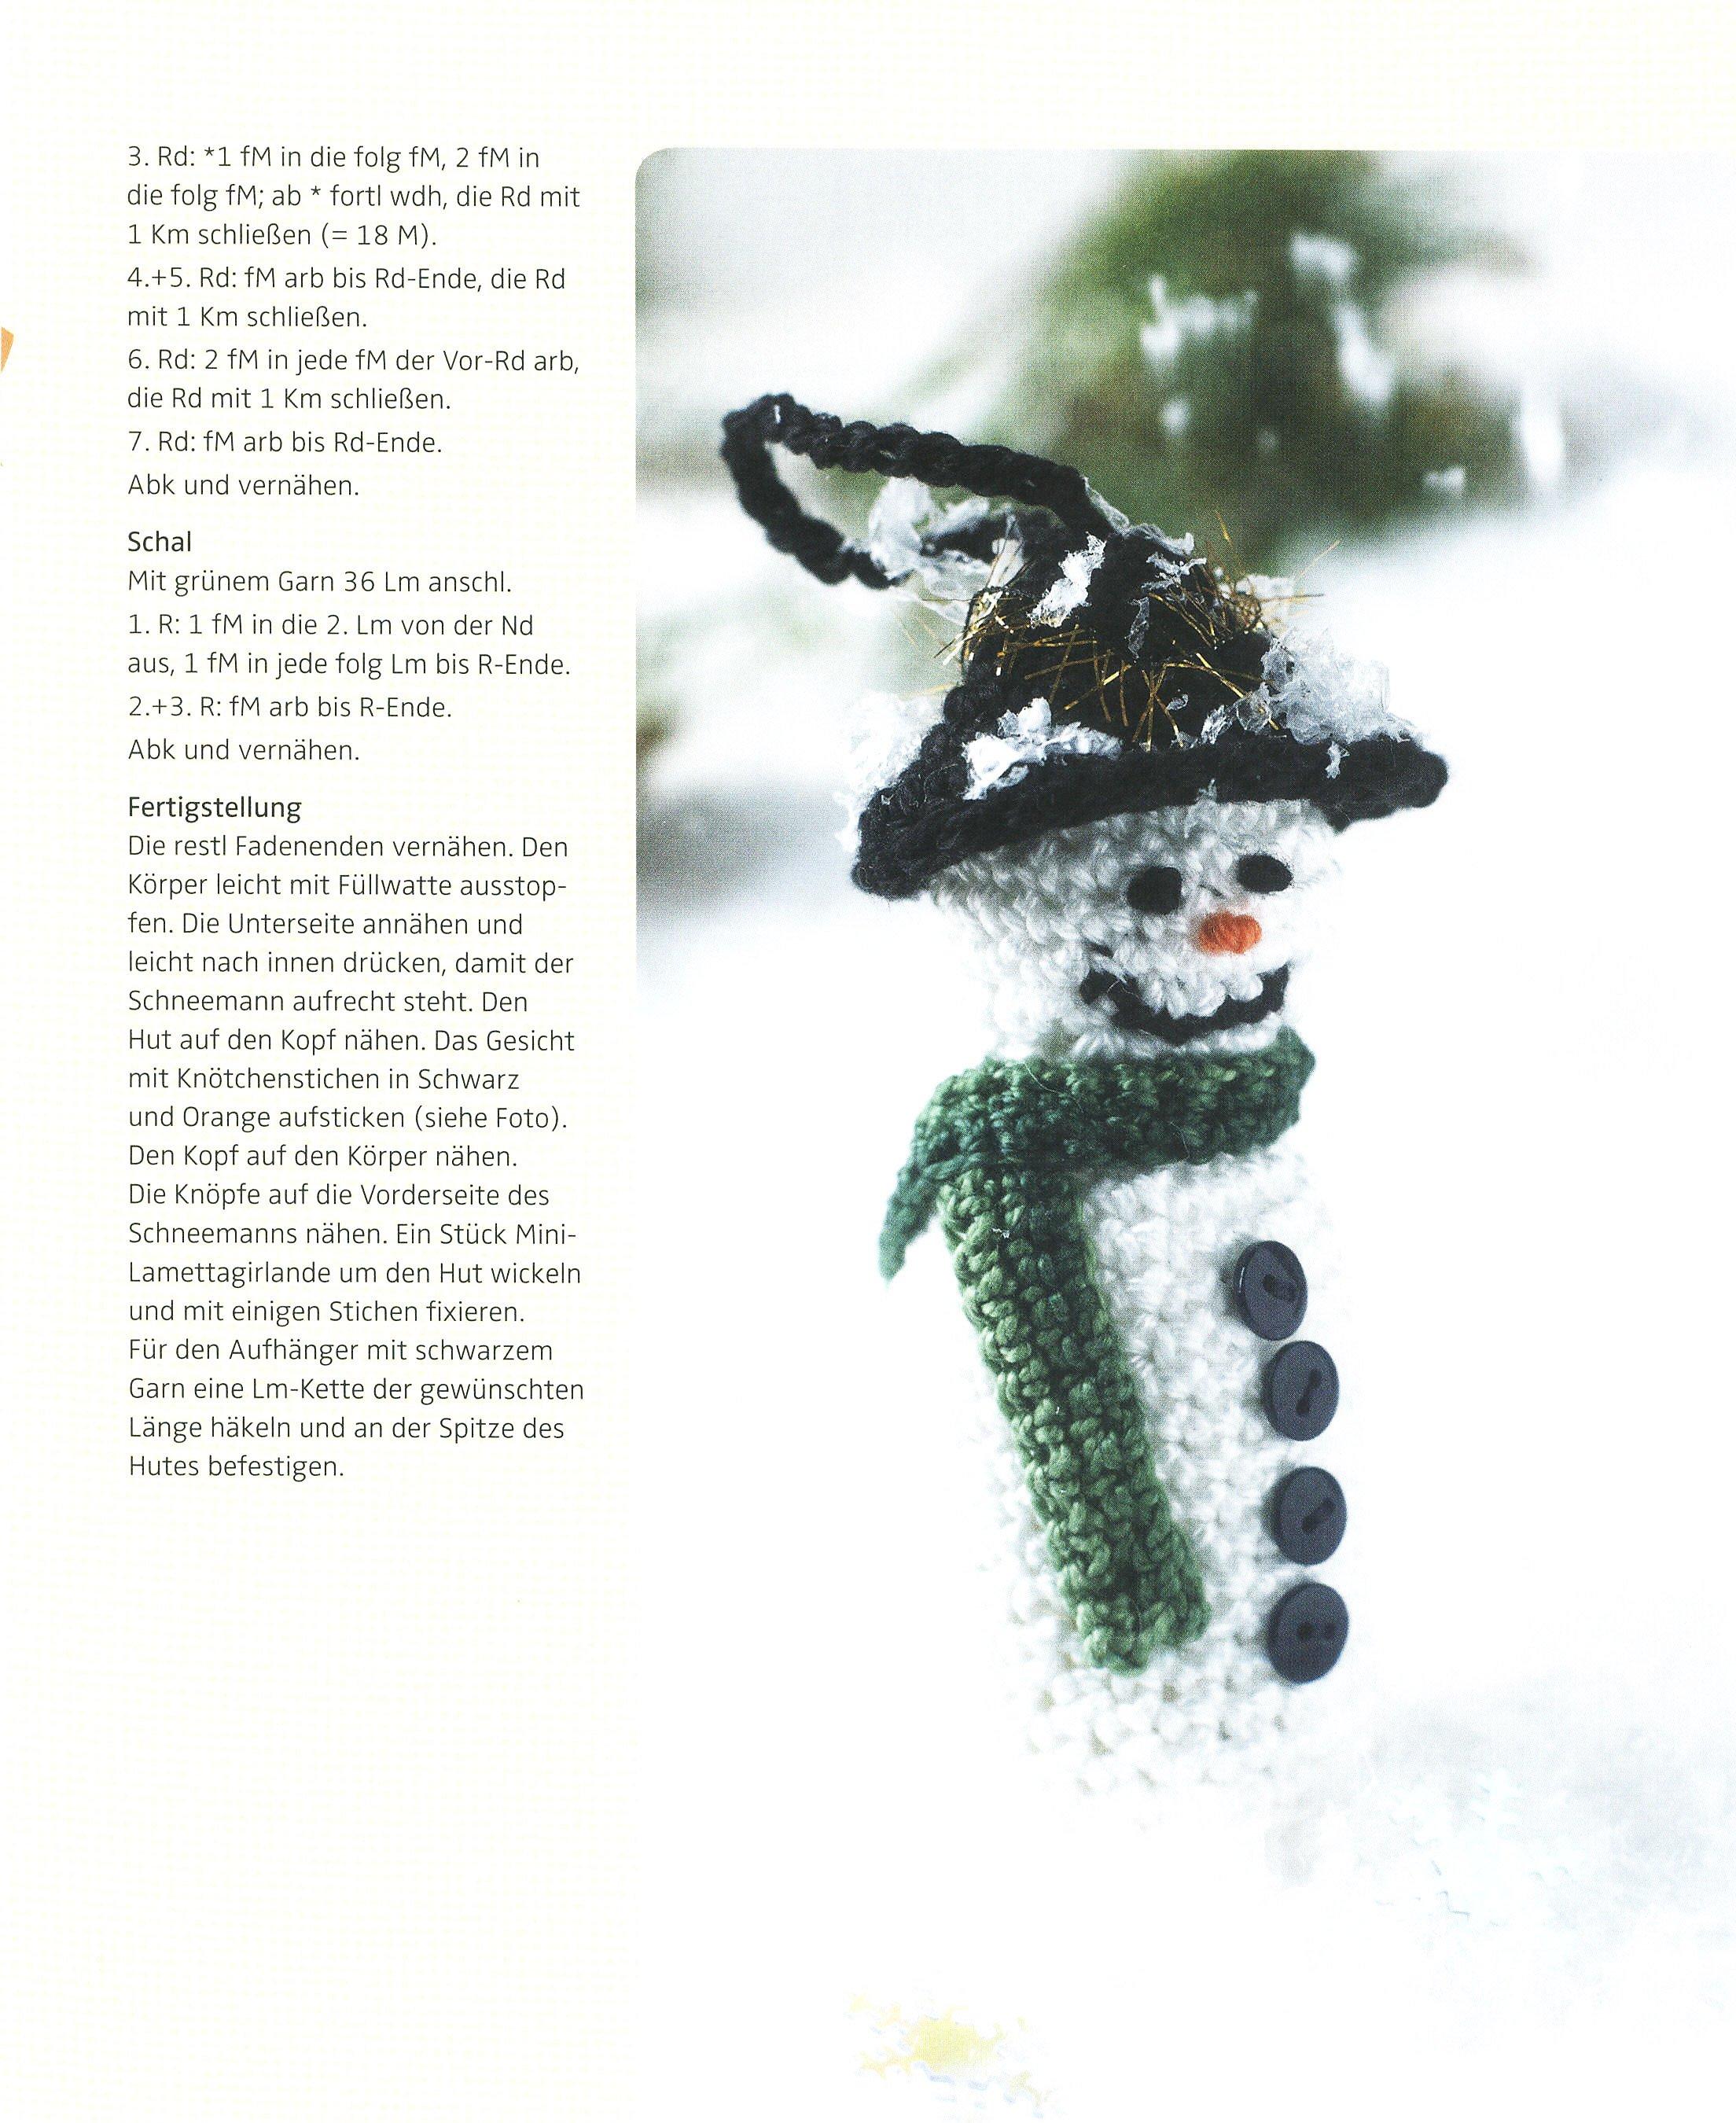 Weihnachtsdeko Bei Weltbild.Kleine Weihnachtsdeko Buch Jetzt Bei Weltbild De Online Bestellen